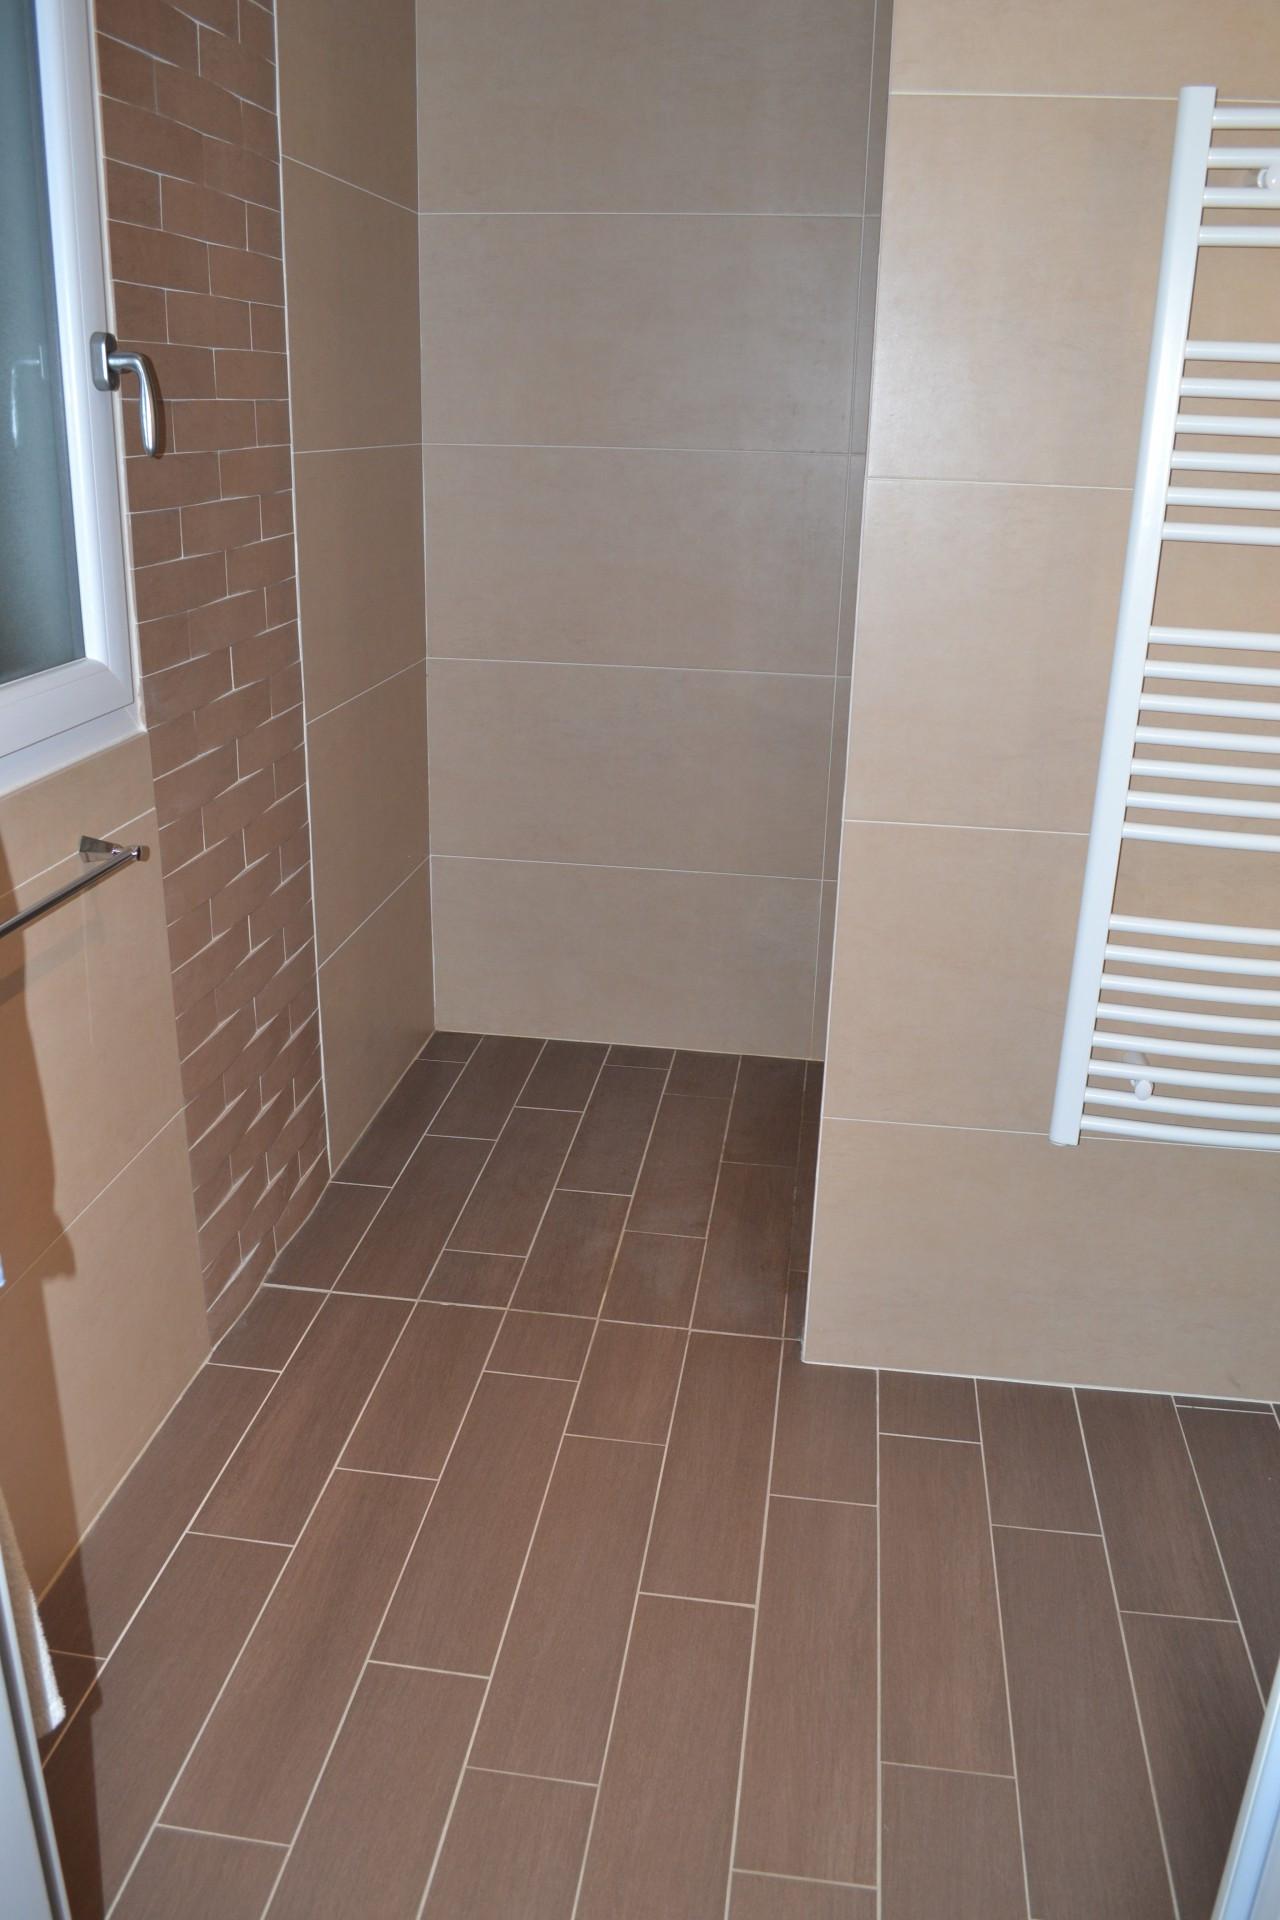 Carrelage salle de bain facon parquet livraison - Carrelage imitation parquet pour salle de bain ...